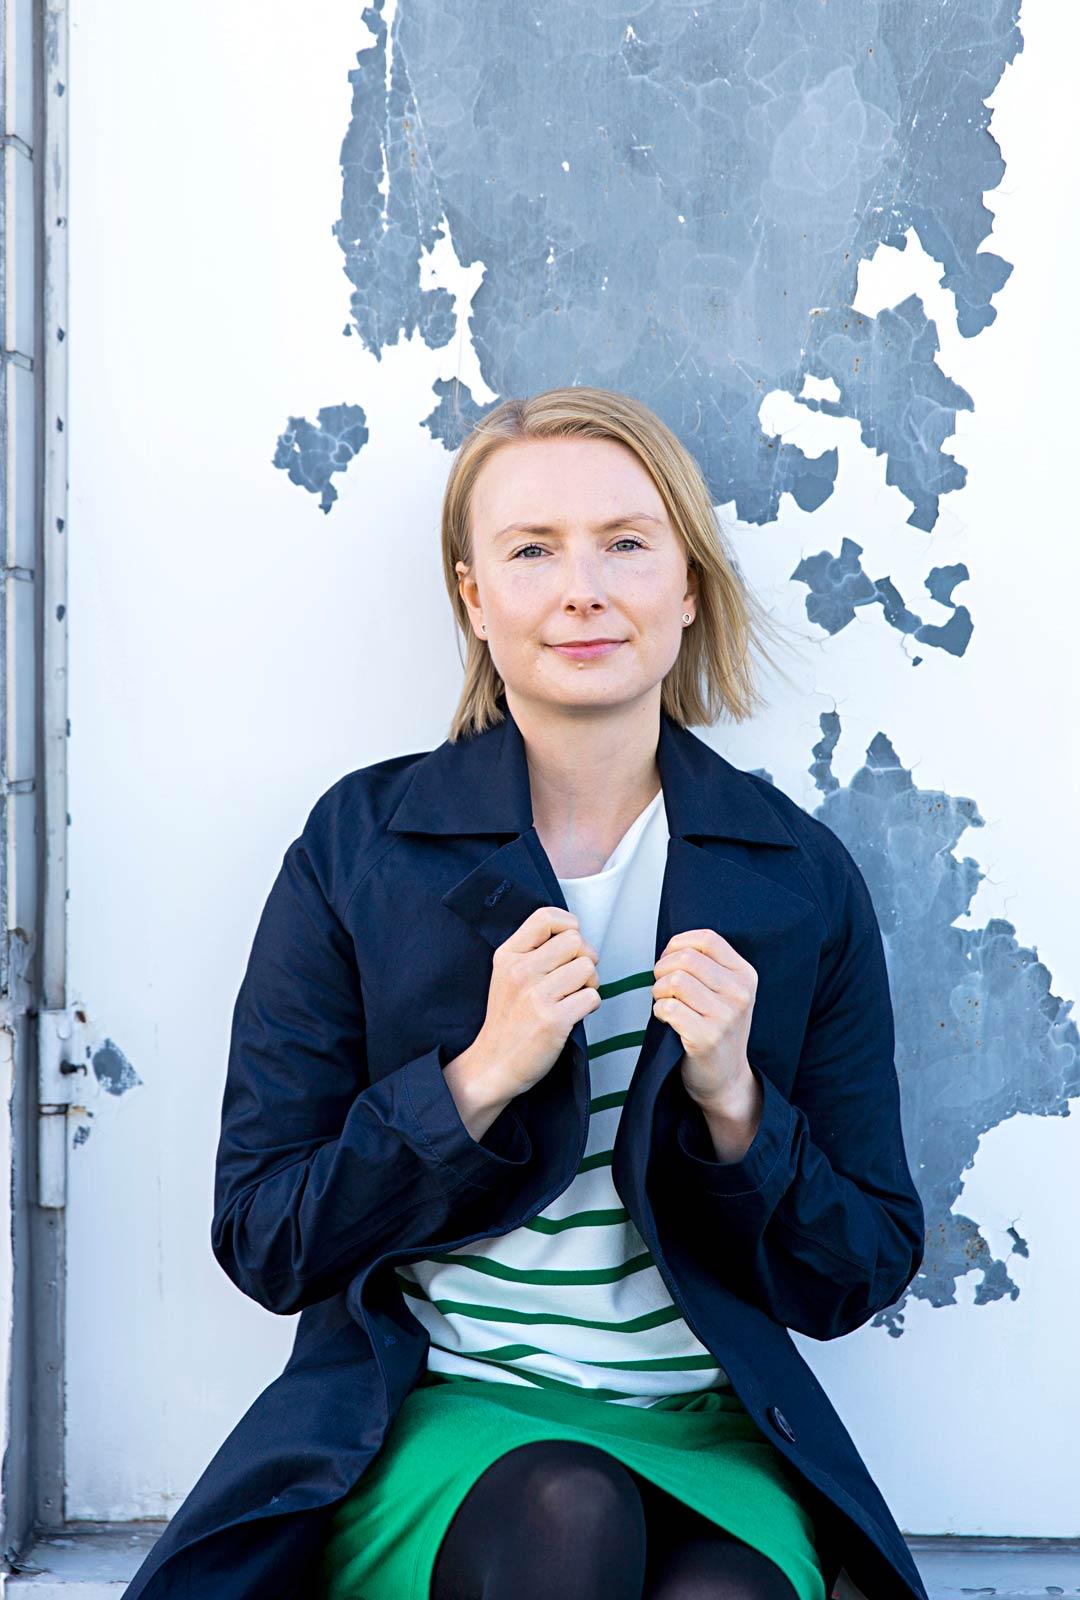 Vanhempien ja ympäristön esimerkillä on suuri vaikutus siihen, jatkaako nuori tupakointia. Hanna Ollila lopetti tupakoinnin nuorena muutamaan kokeilukertaan.